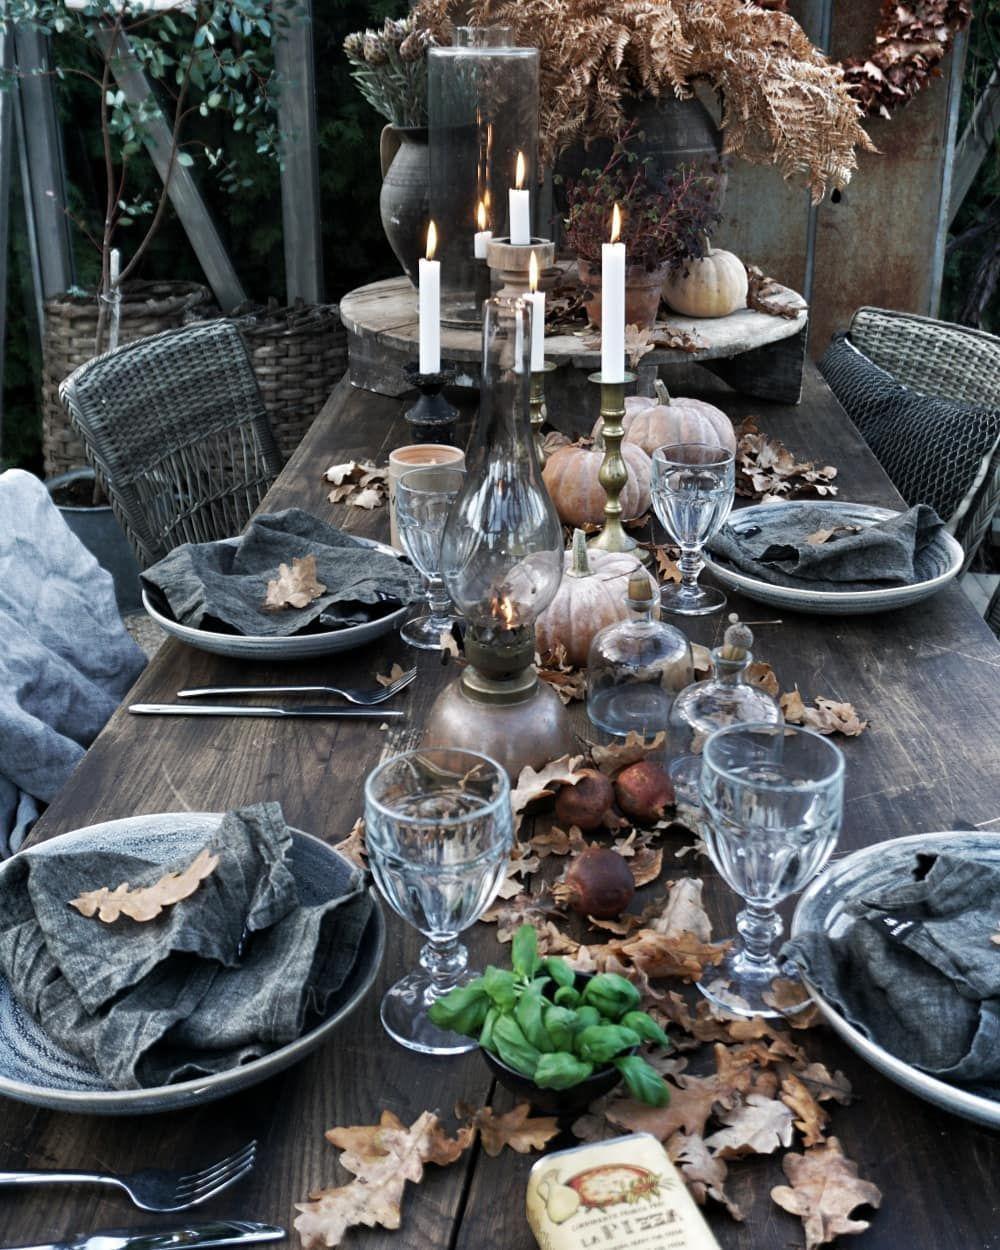 Bild könnte enthalten: Personen, die sitzen, Tisch, Innenbereich und Essen #gedecktertisch